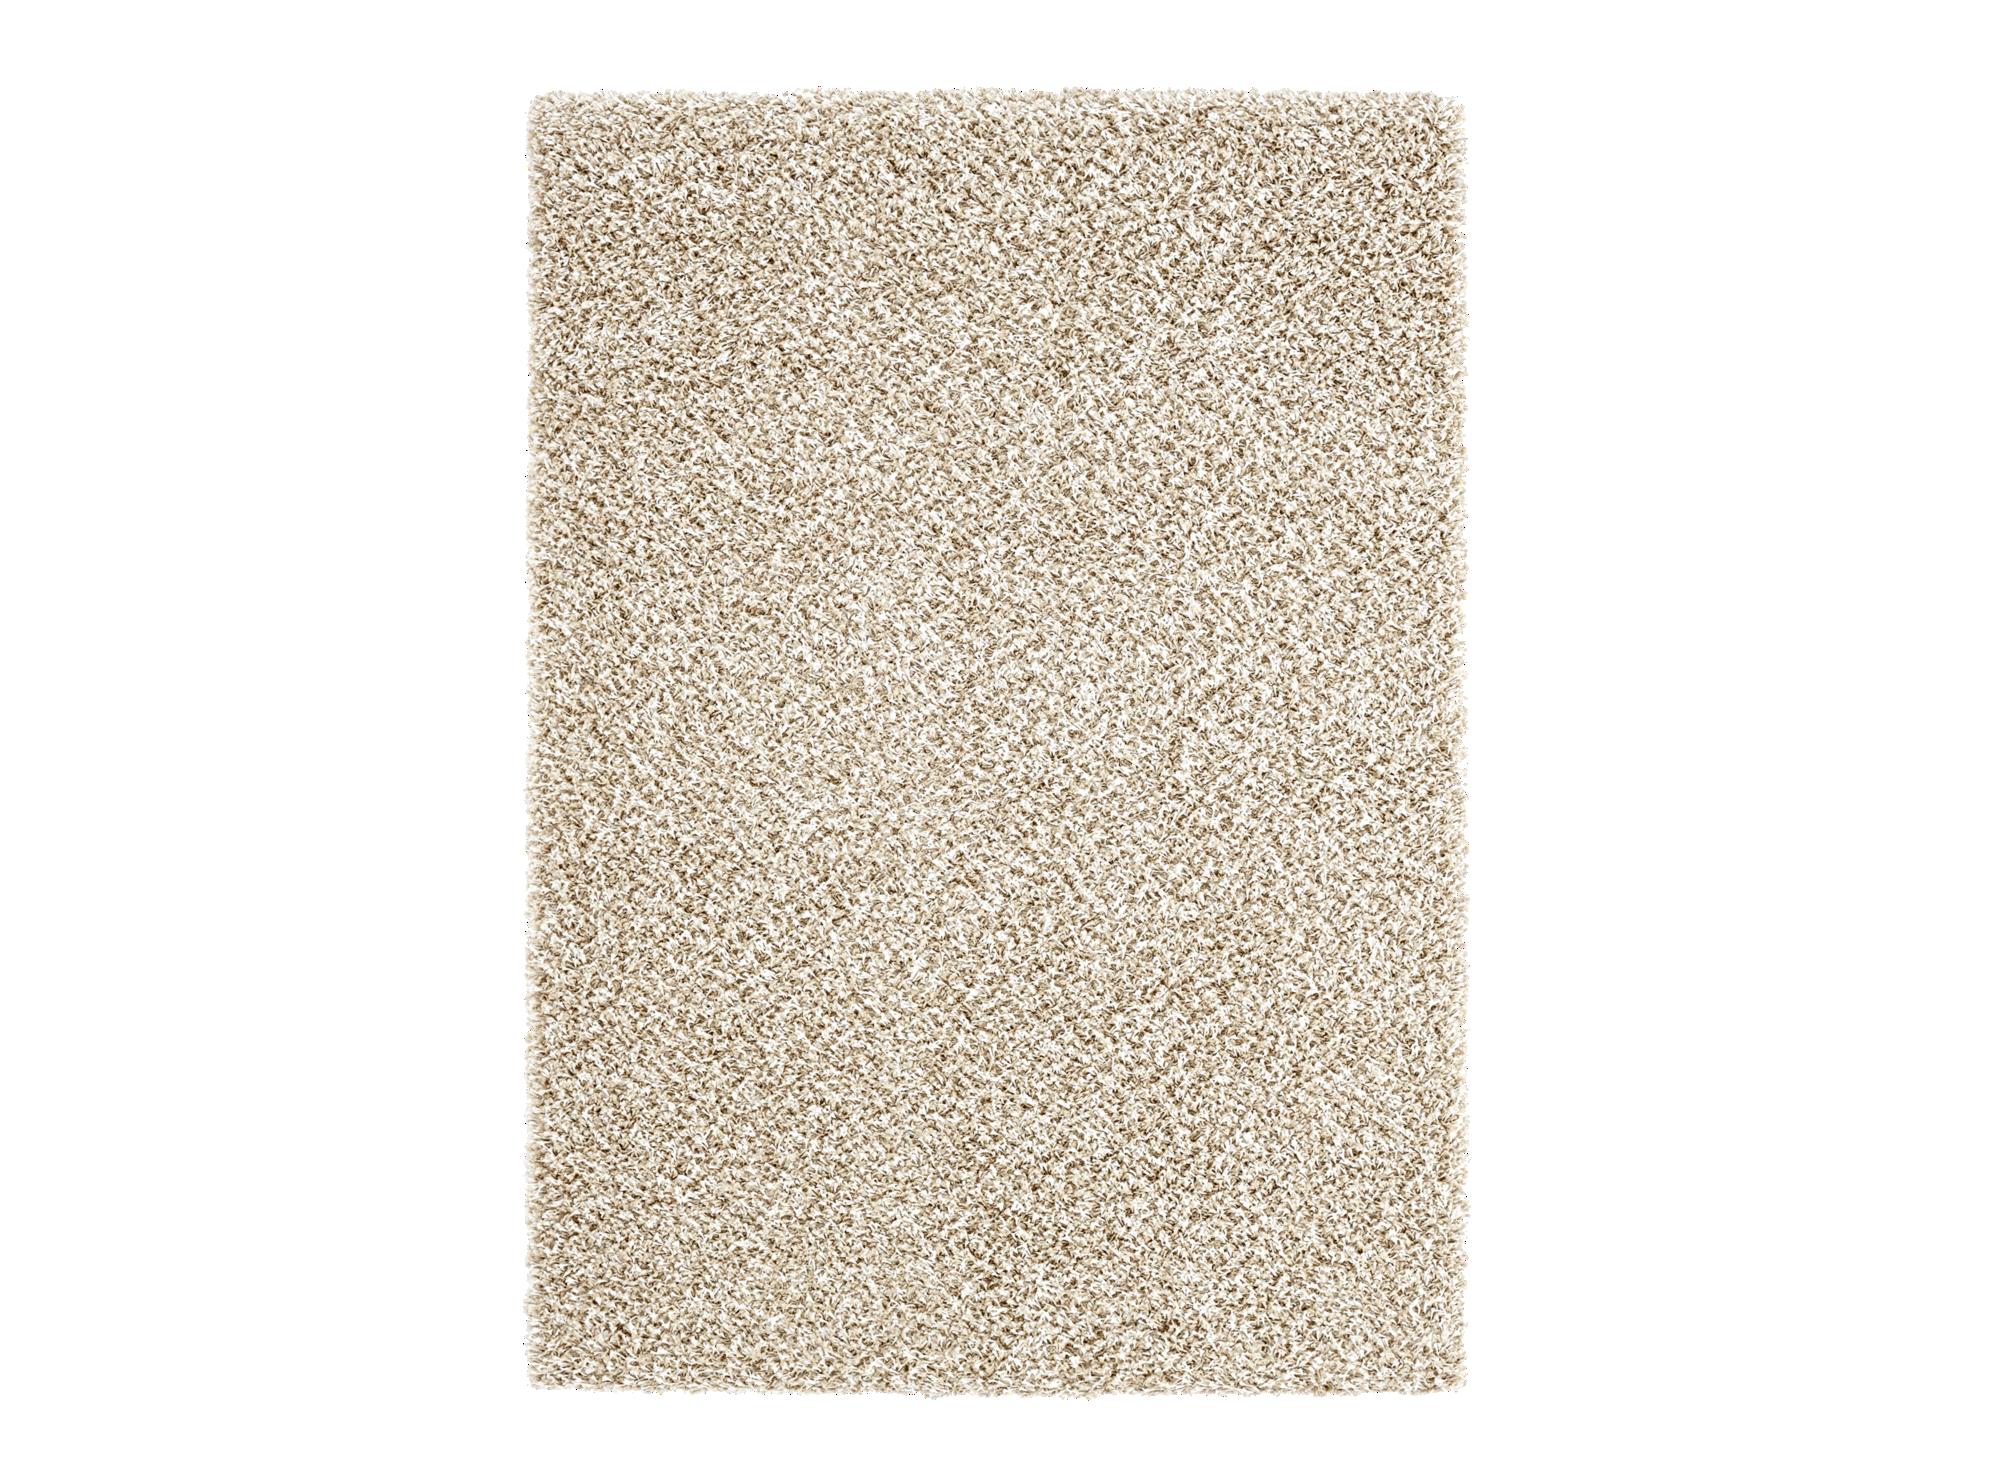 Tapis mecanique coloris beige 100% polypropylene dos jute et latex n ...